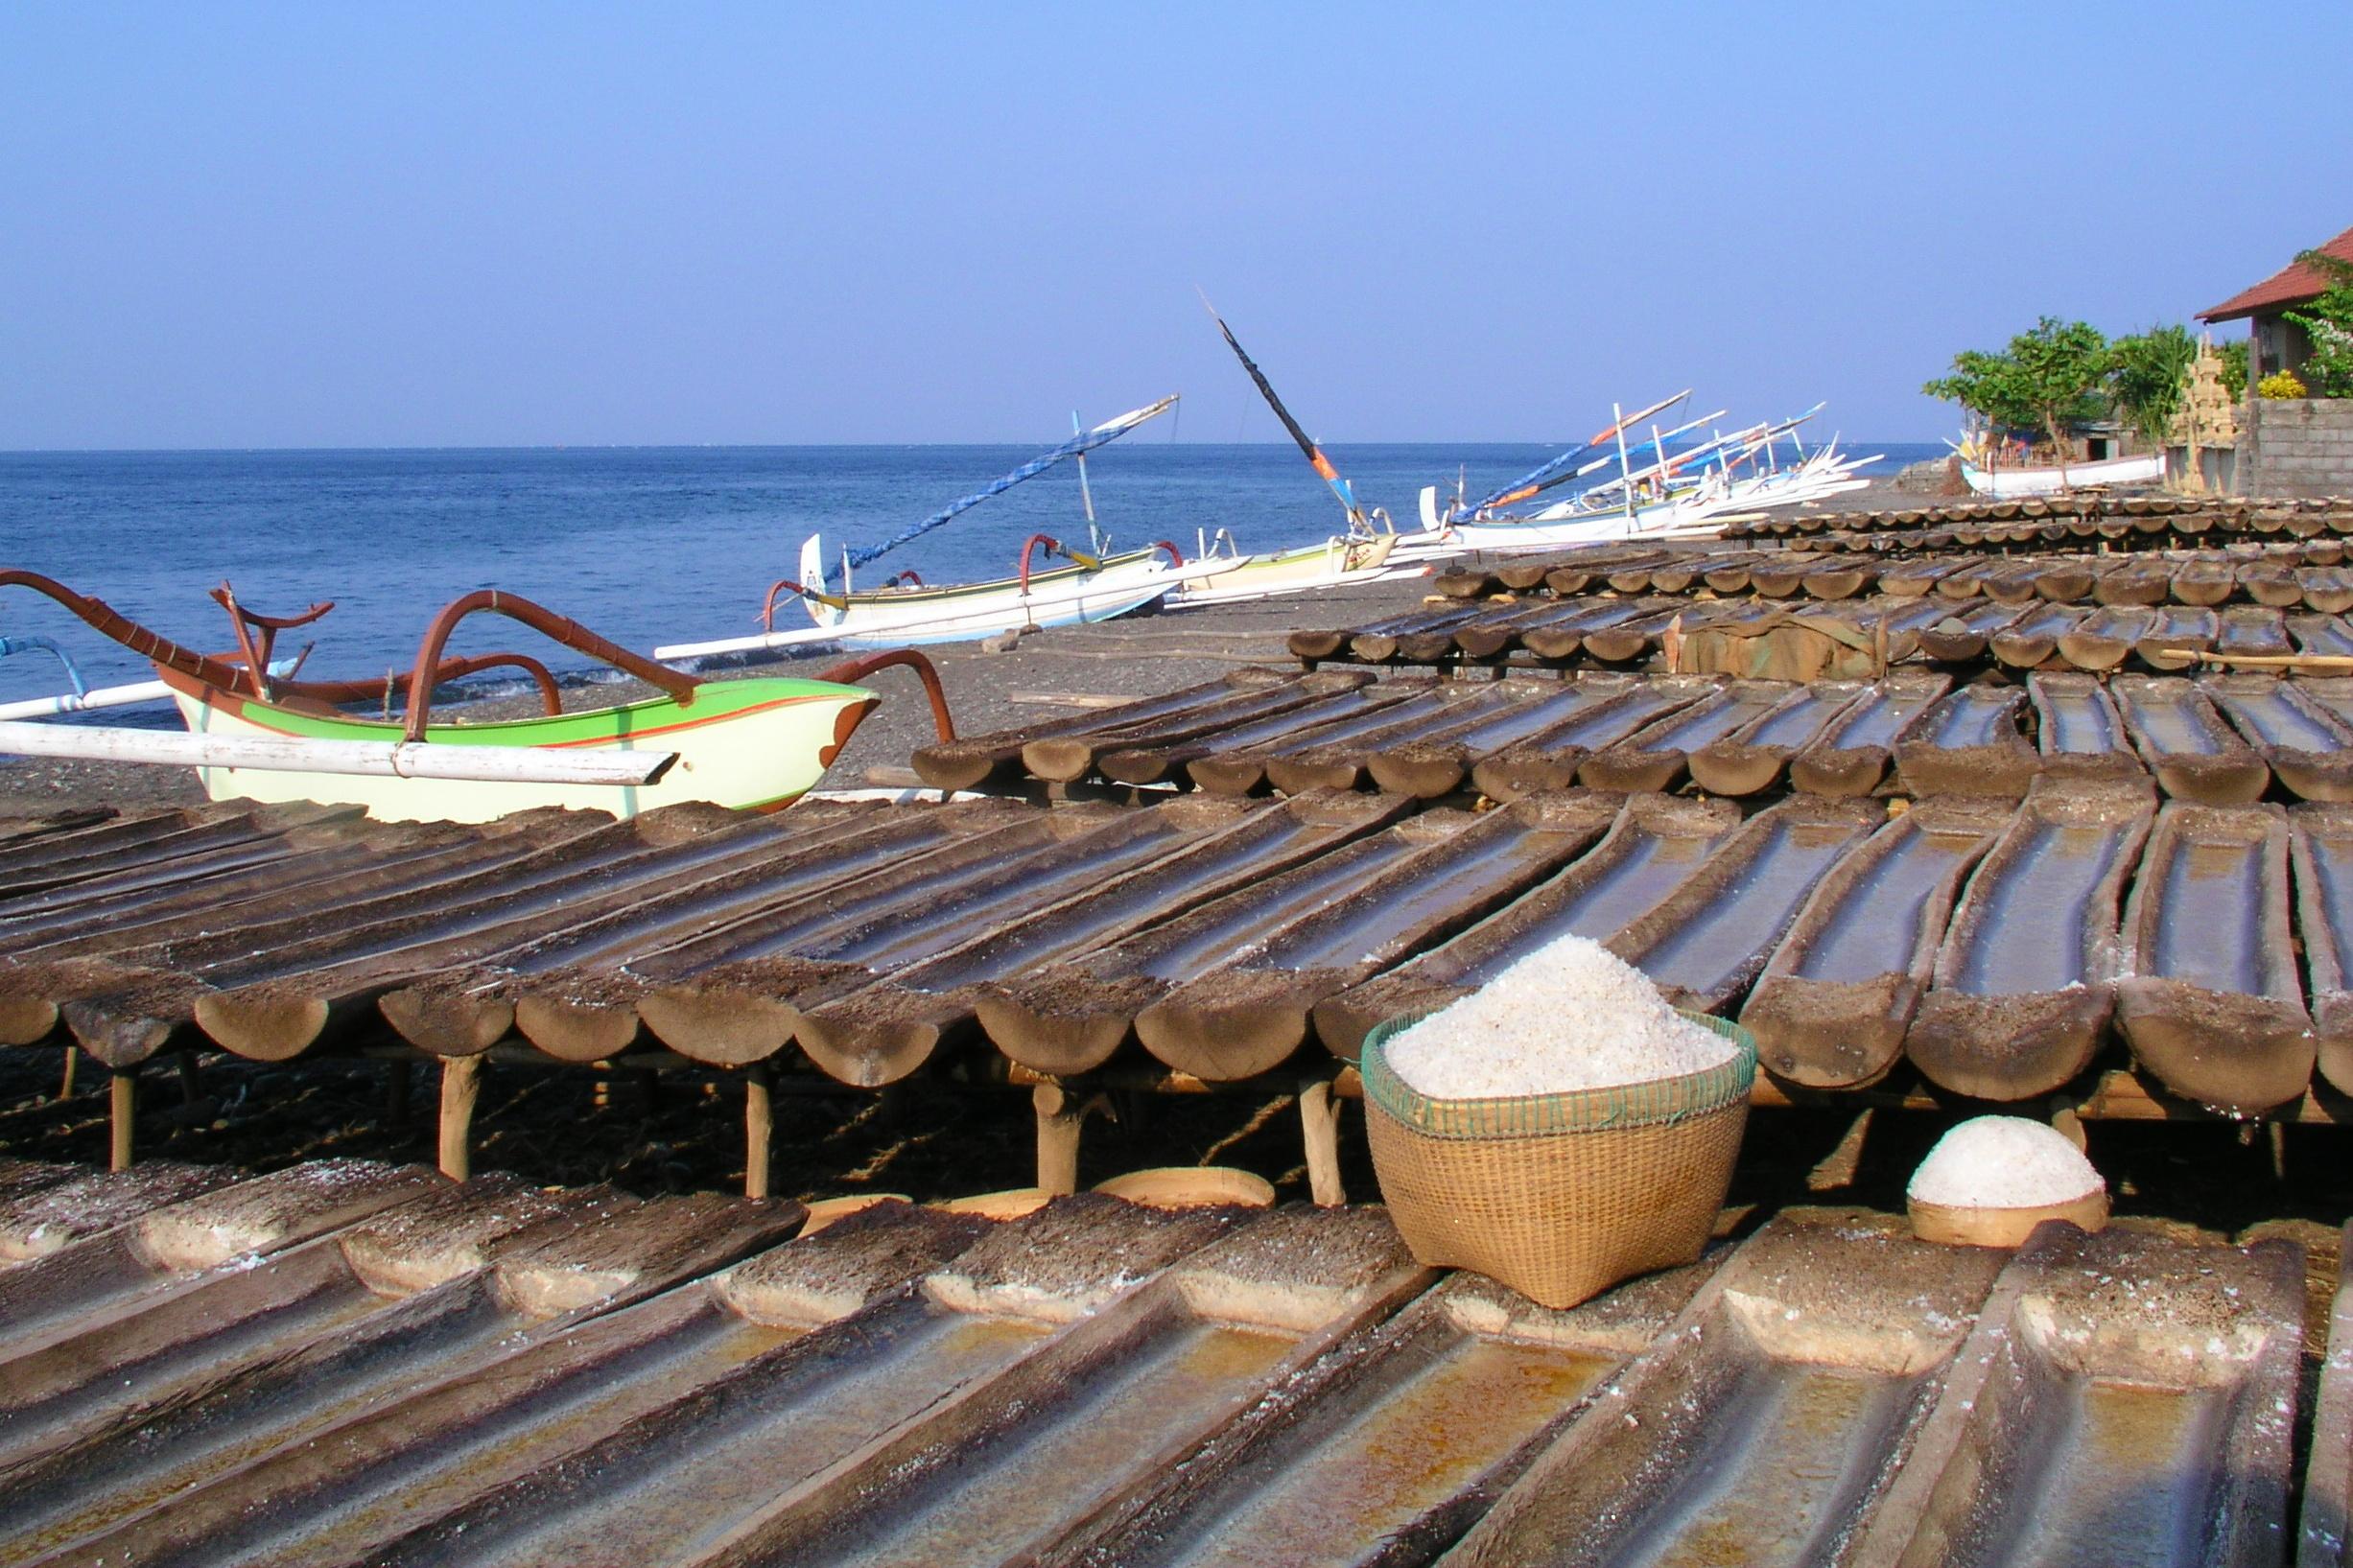 Tradiční získávání soli v Amedu